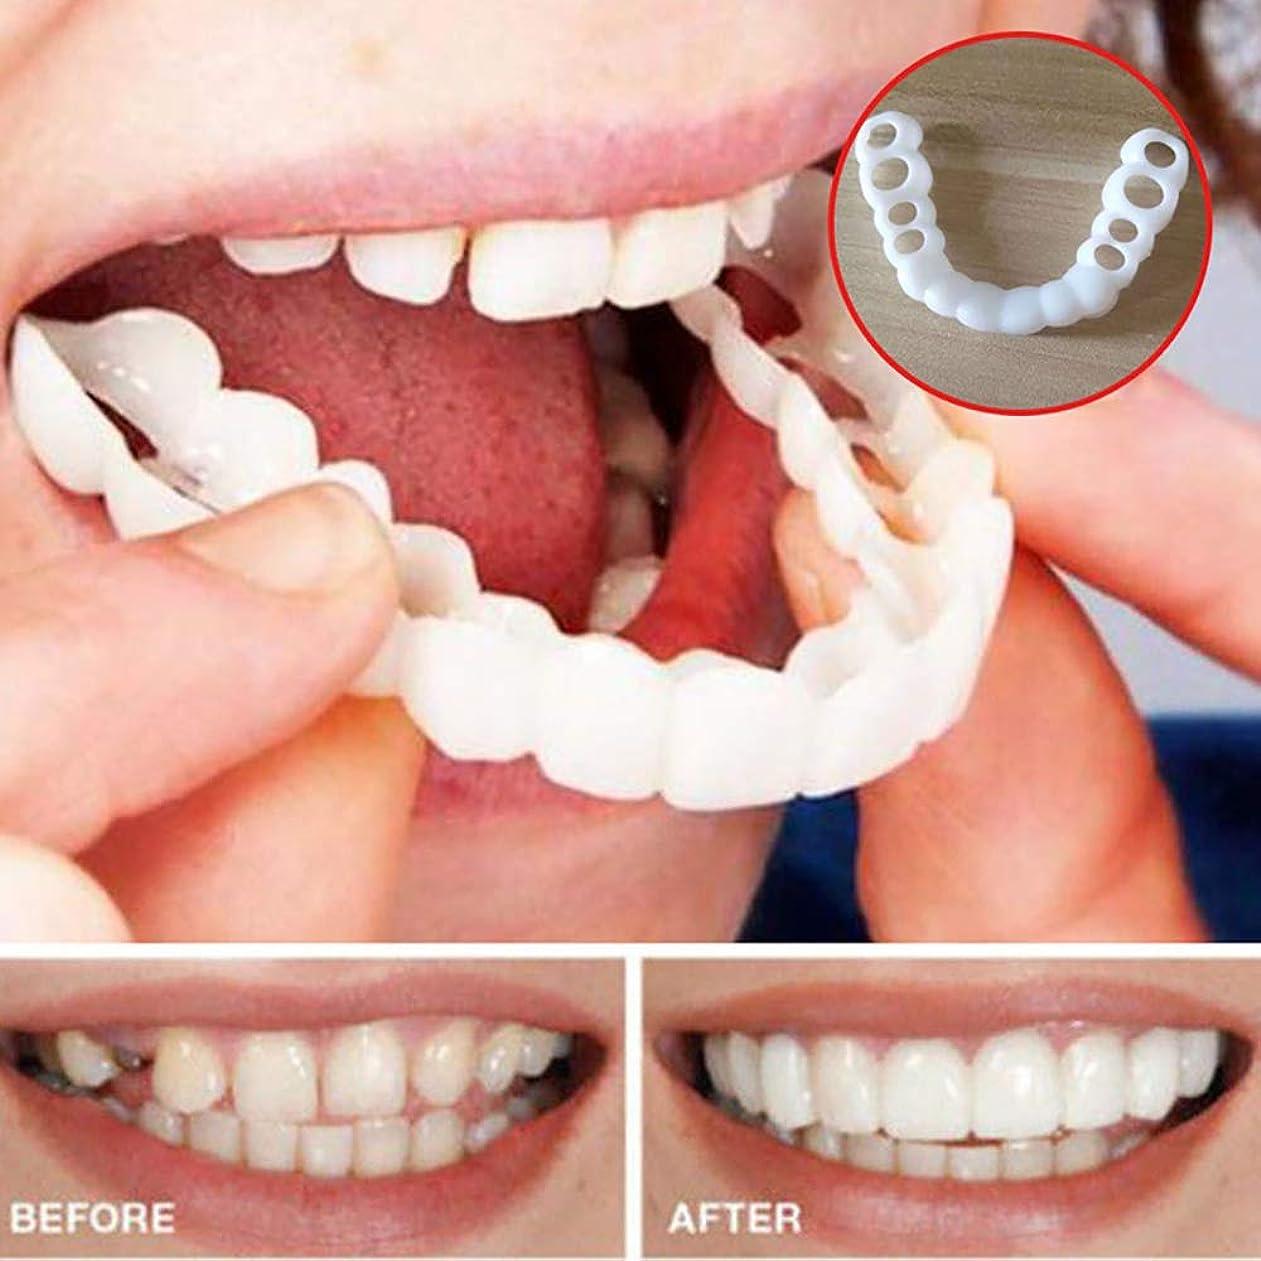 ソロセーブ忠実に快適な笑顔義歯カバーフィットFle歯偽ベニアカバー歯ホワイトニングスナップオン笑顔歯化粧品義歯 - 4ペア